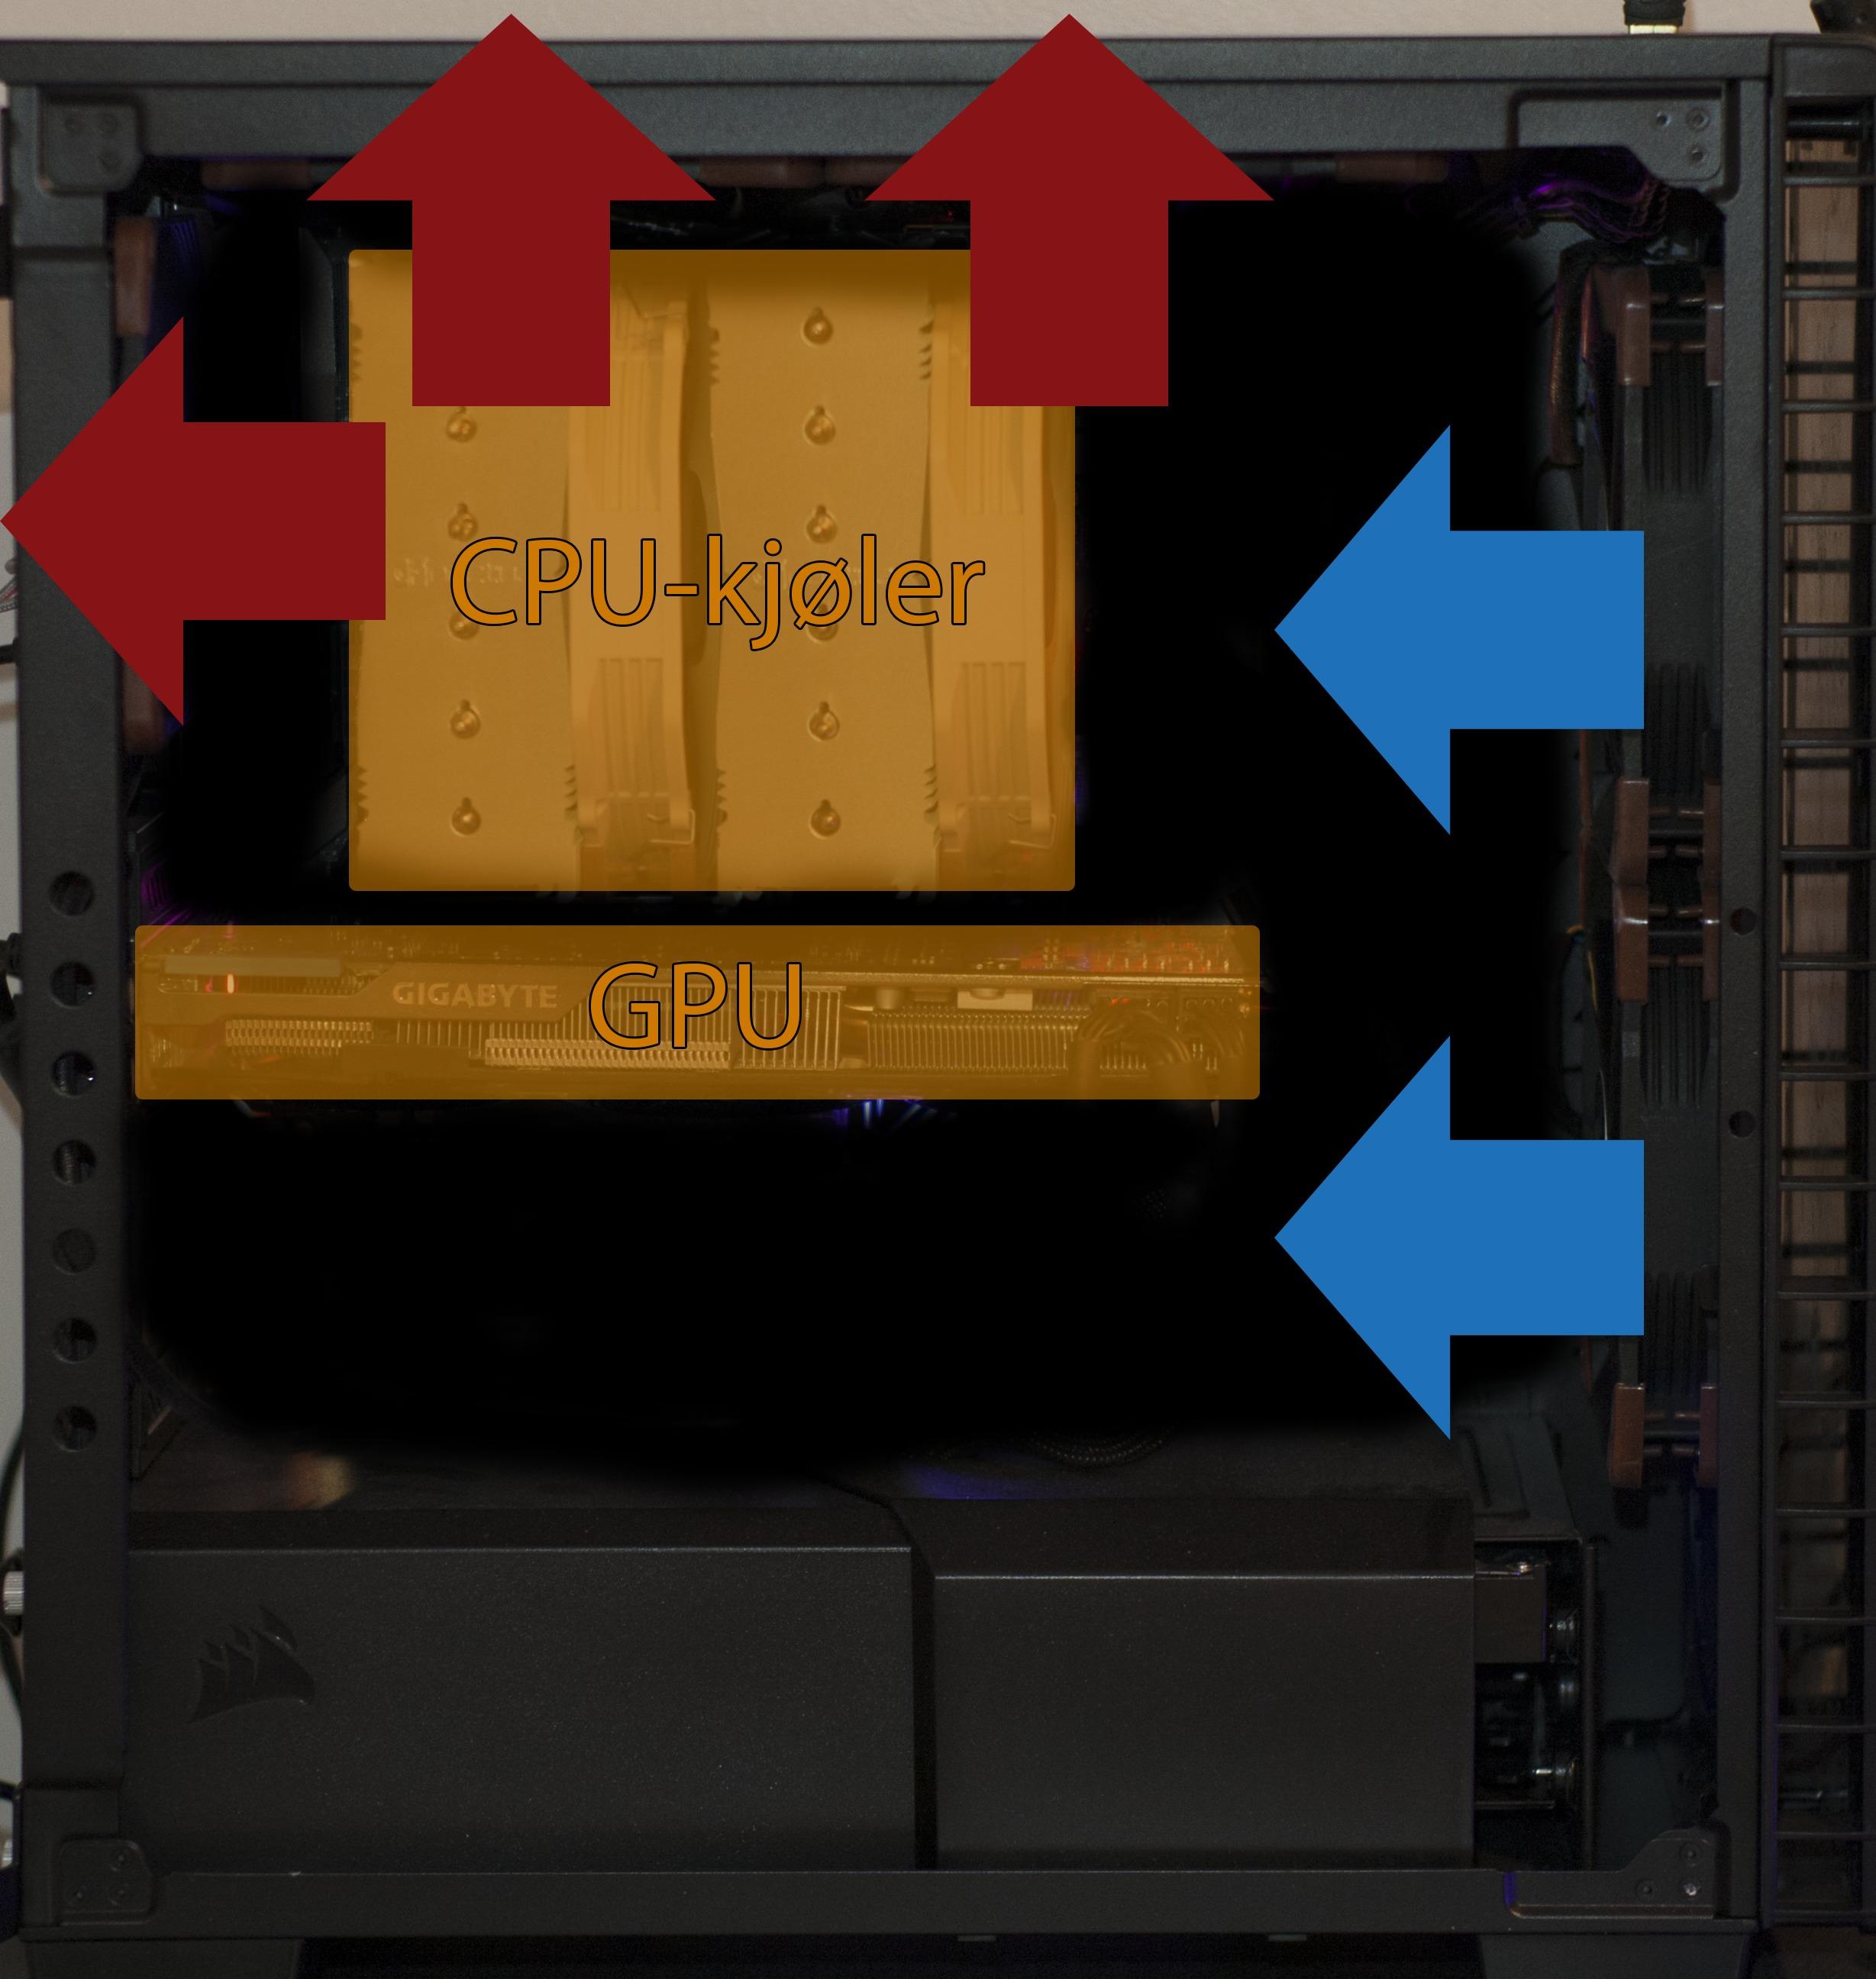 Oppsett 3: Balansert. Her er plassering av komponenter og ideelle luftstrømmer tatt i betraktning. Vi vil ikke ha så stor endring i trykket som i de oppsettene over.